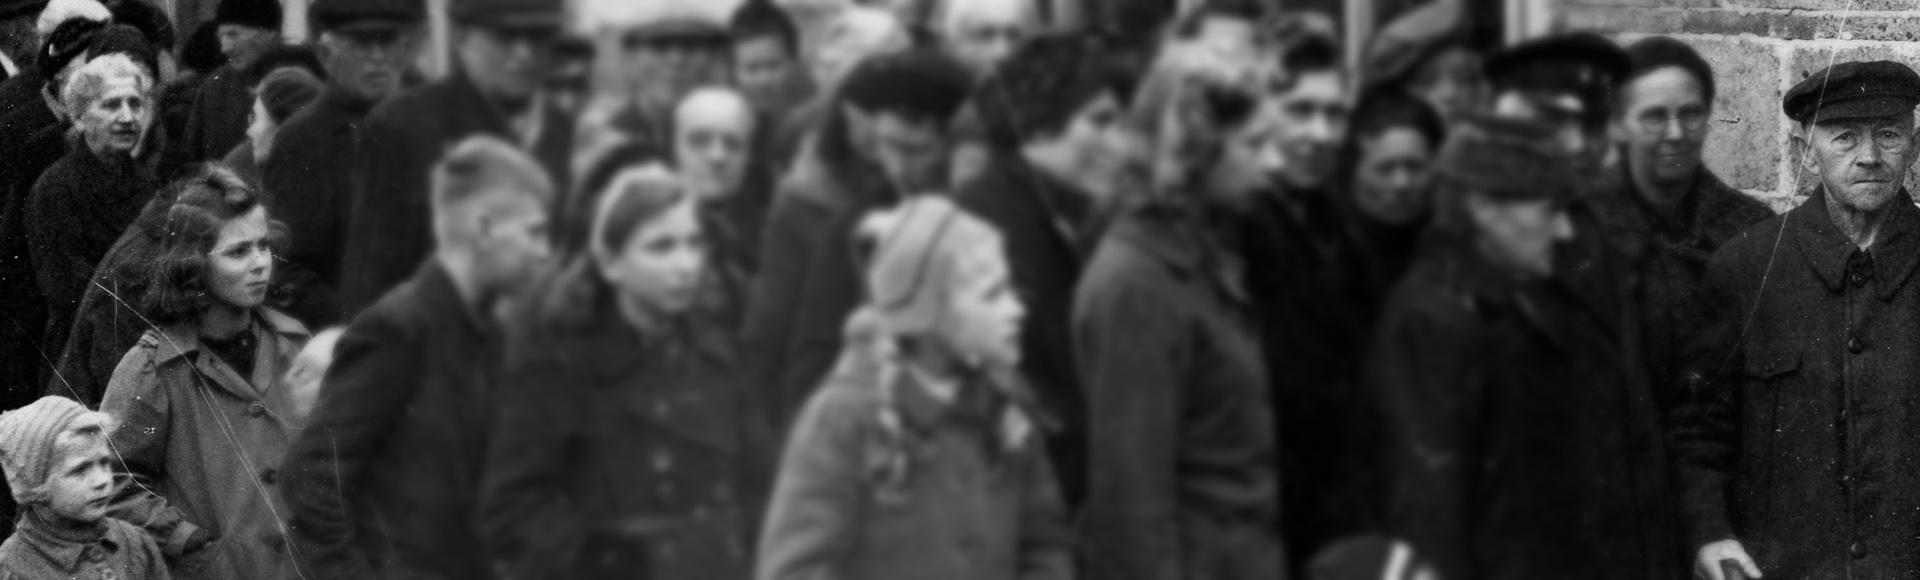 Ausgangspunkt: Erfahrungen von Diktatur und Krieg in Dresden